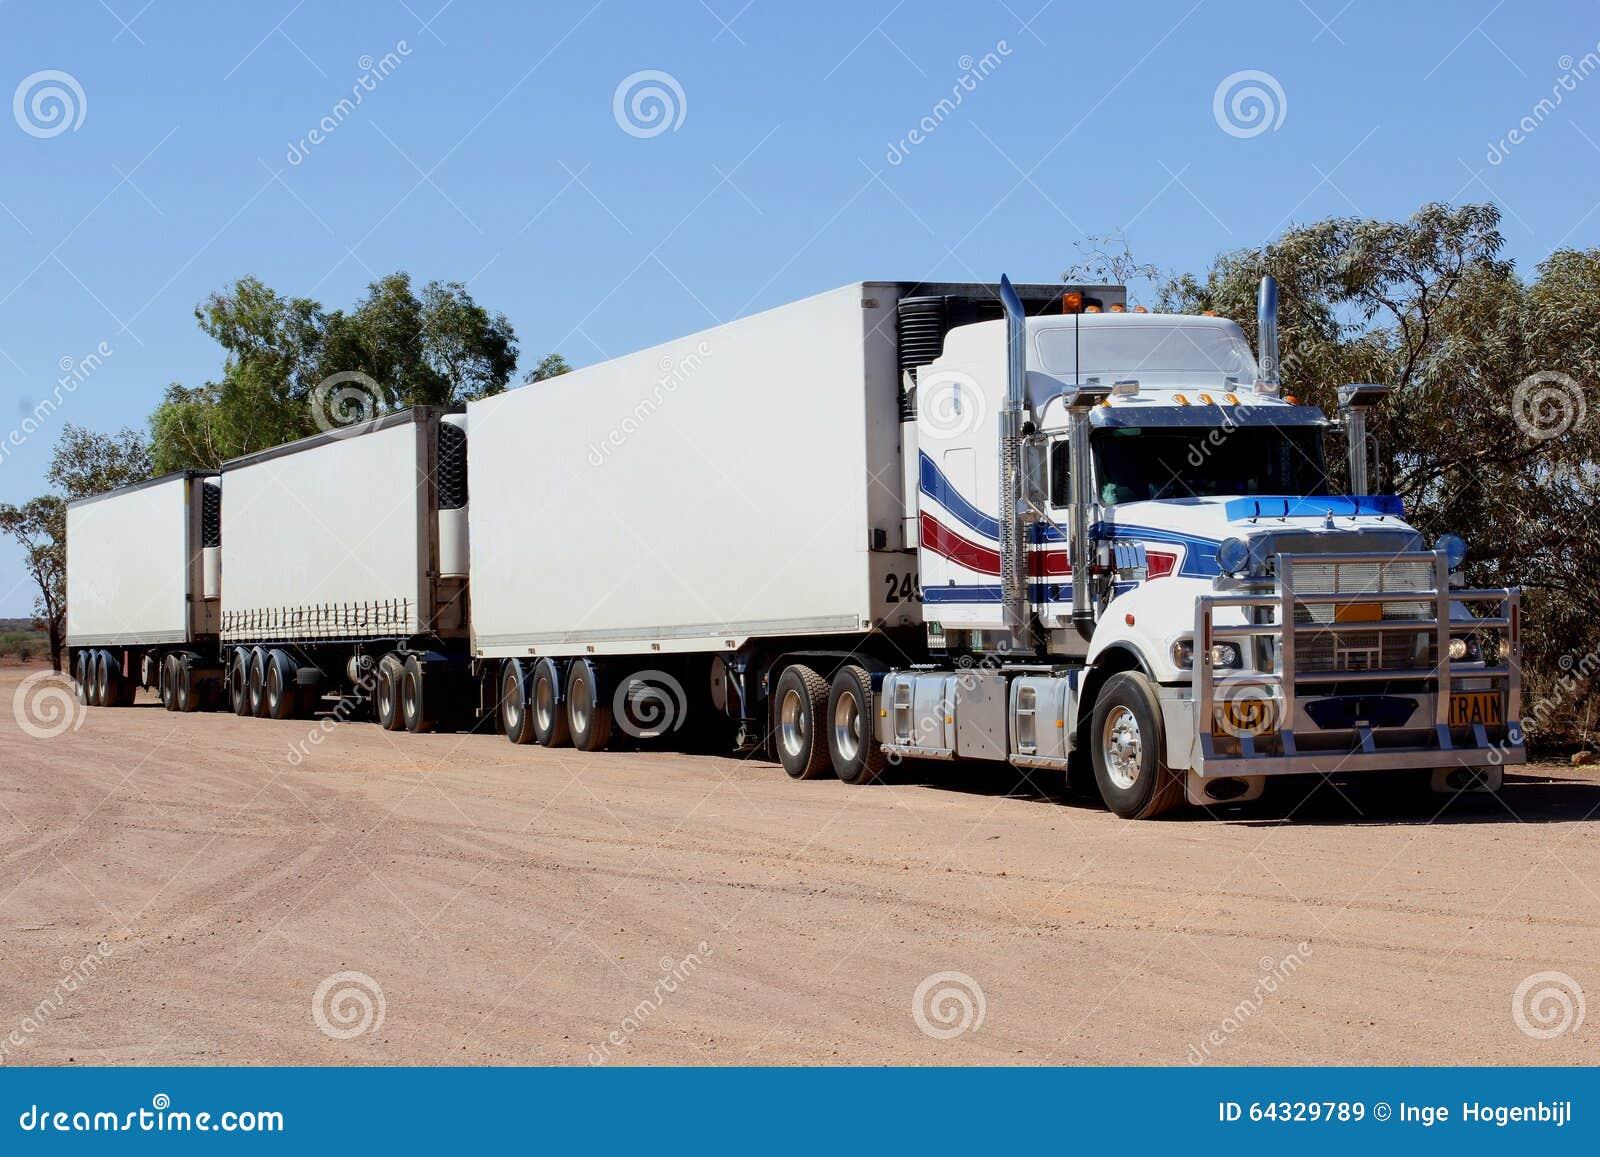 https://thumbs.dreamstime.com/z/camion-de-train-routier-dans-l-int%C3%A9rieur-de-l-australie-64329789.jpg